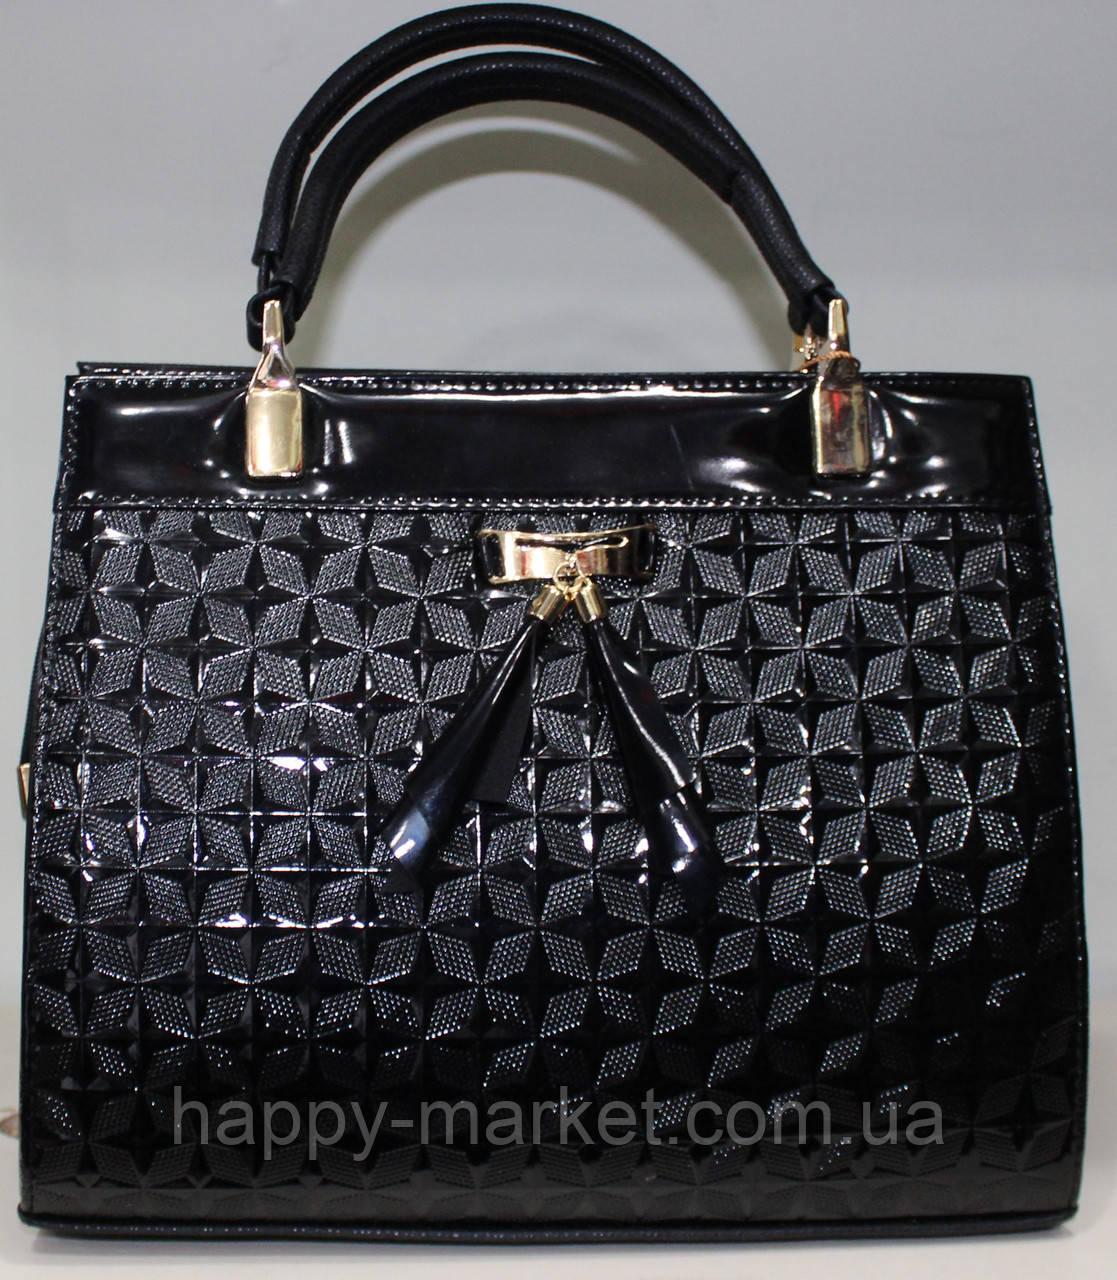 Сумка стильная Женская лакированная 17-0616-4